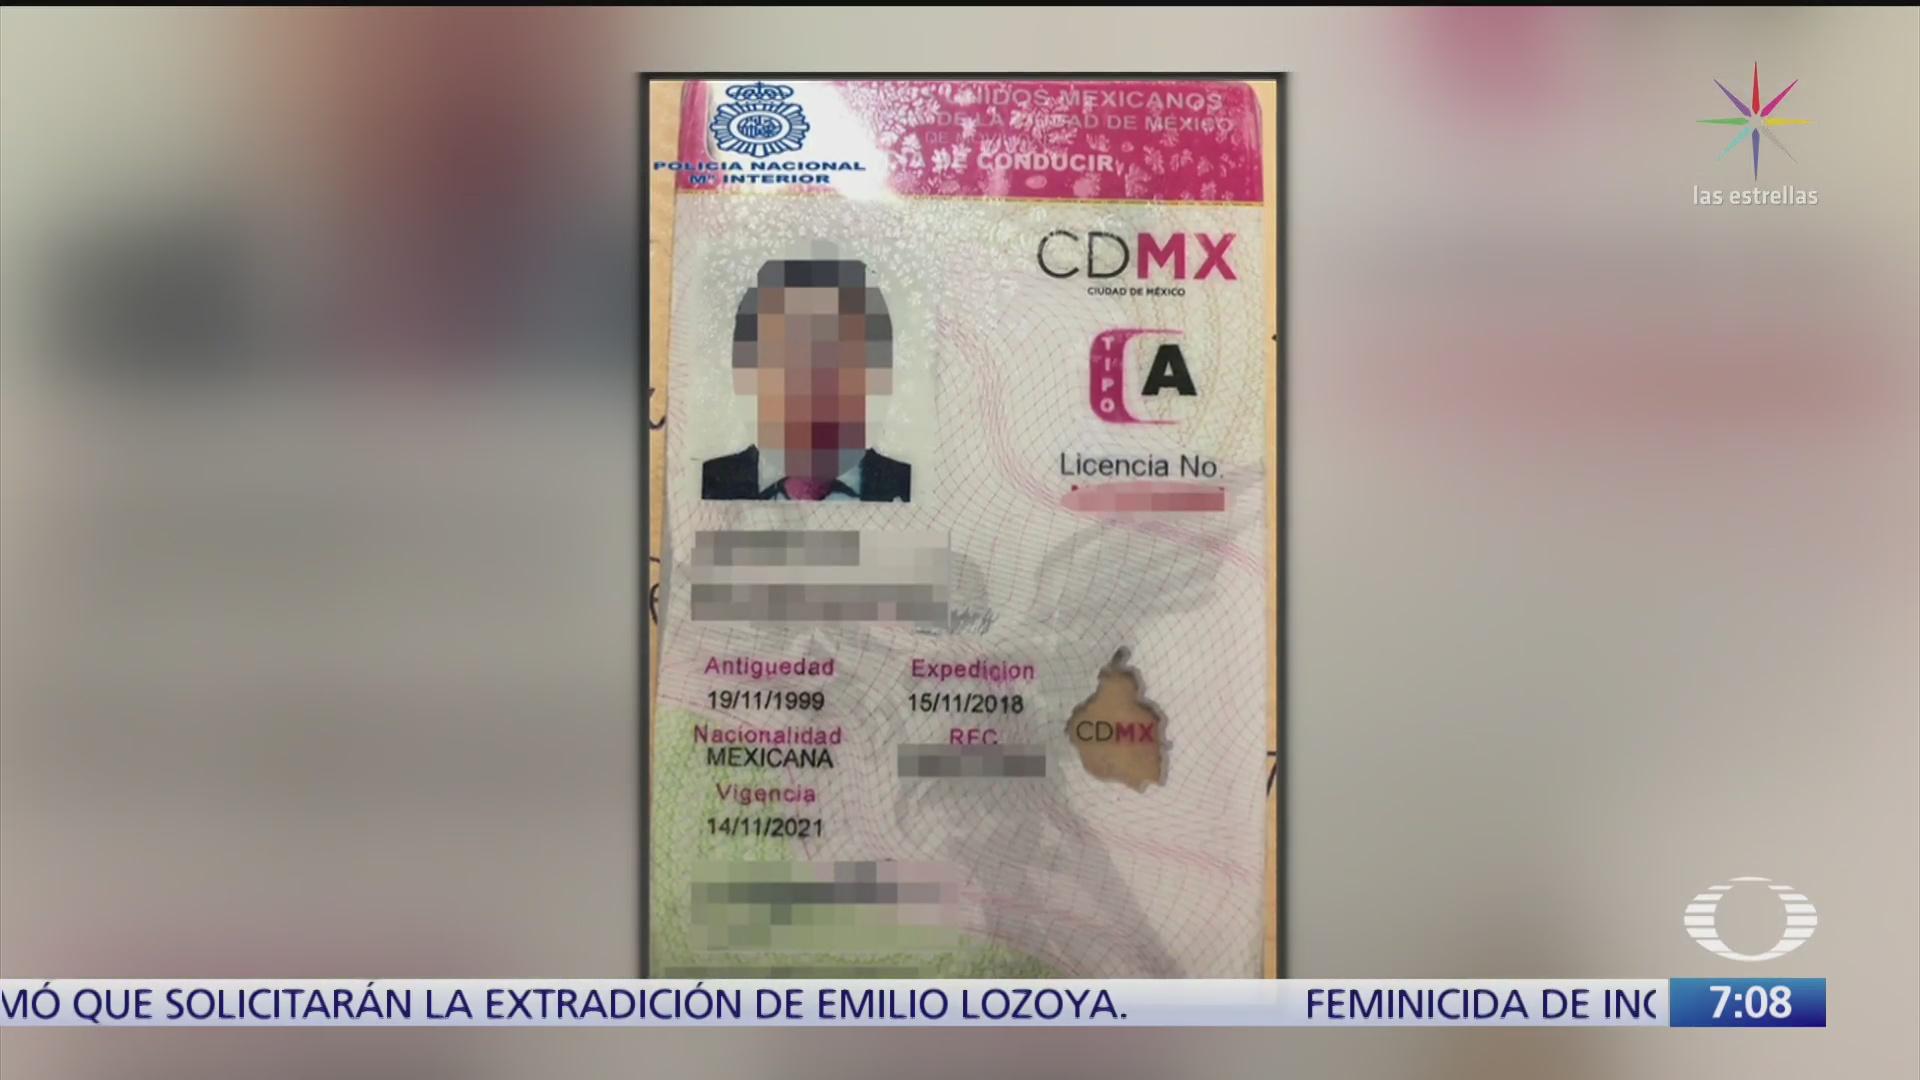 semovi investiga licencia de conducir que presento emilio lozoya durante detencion